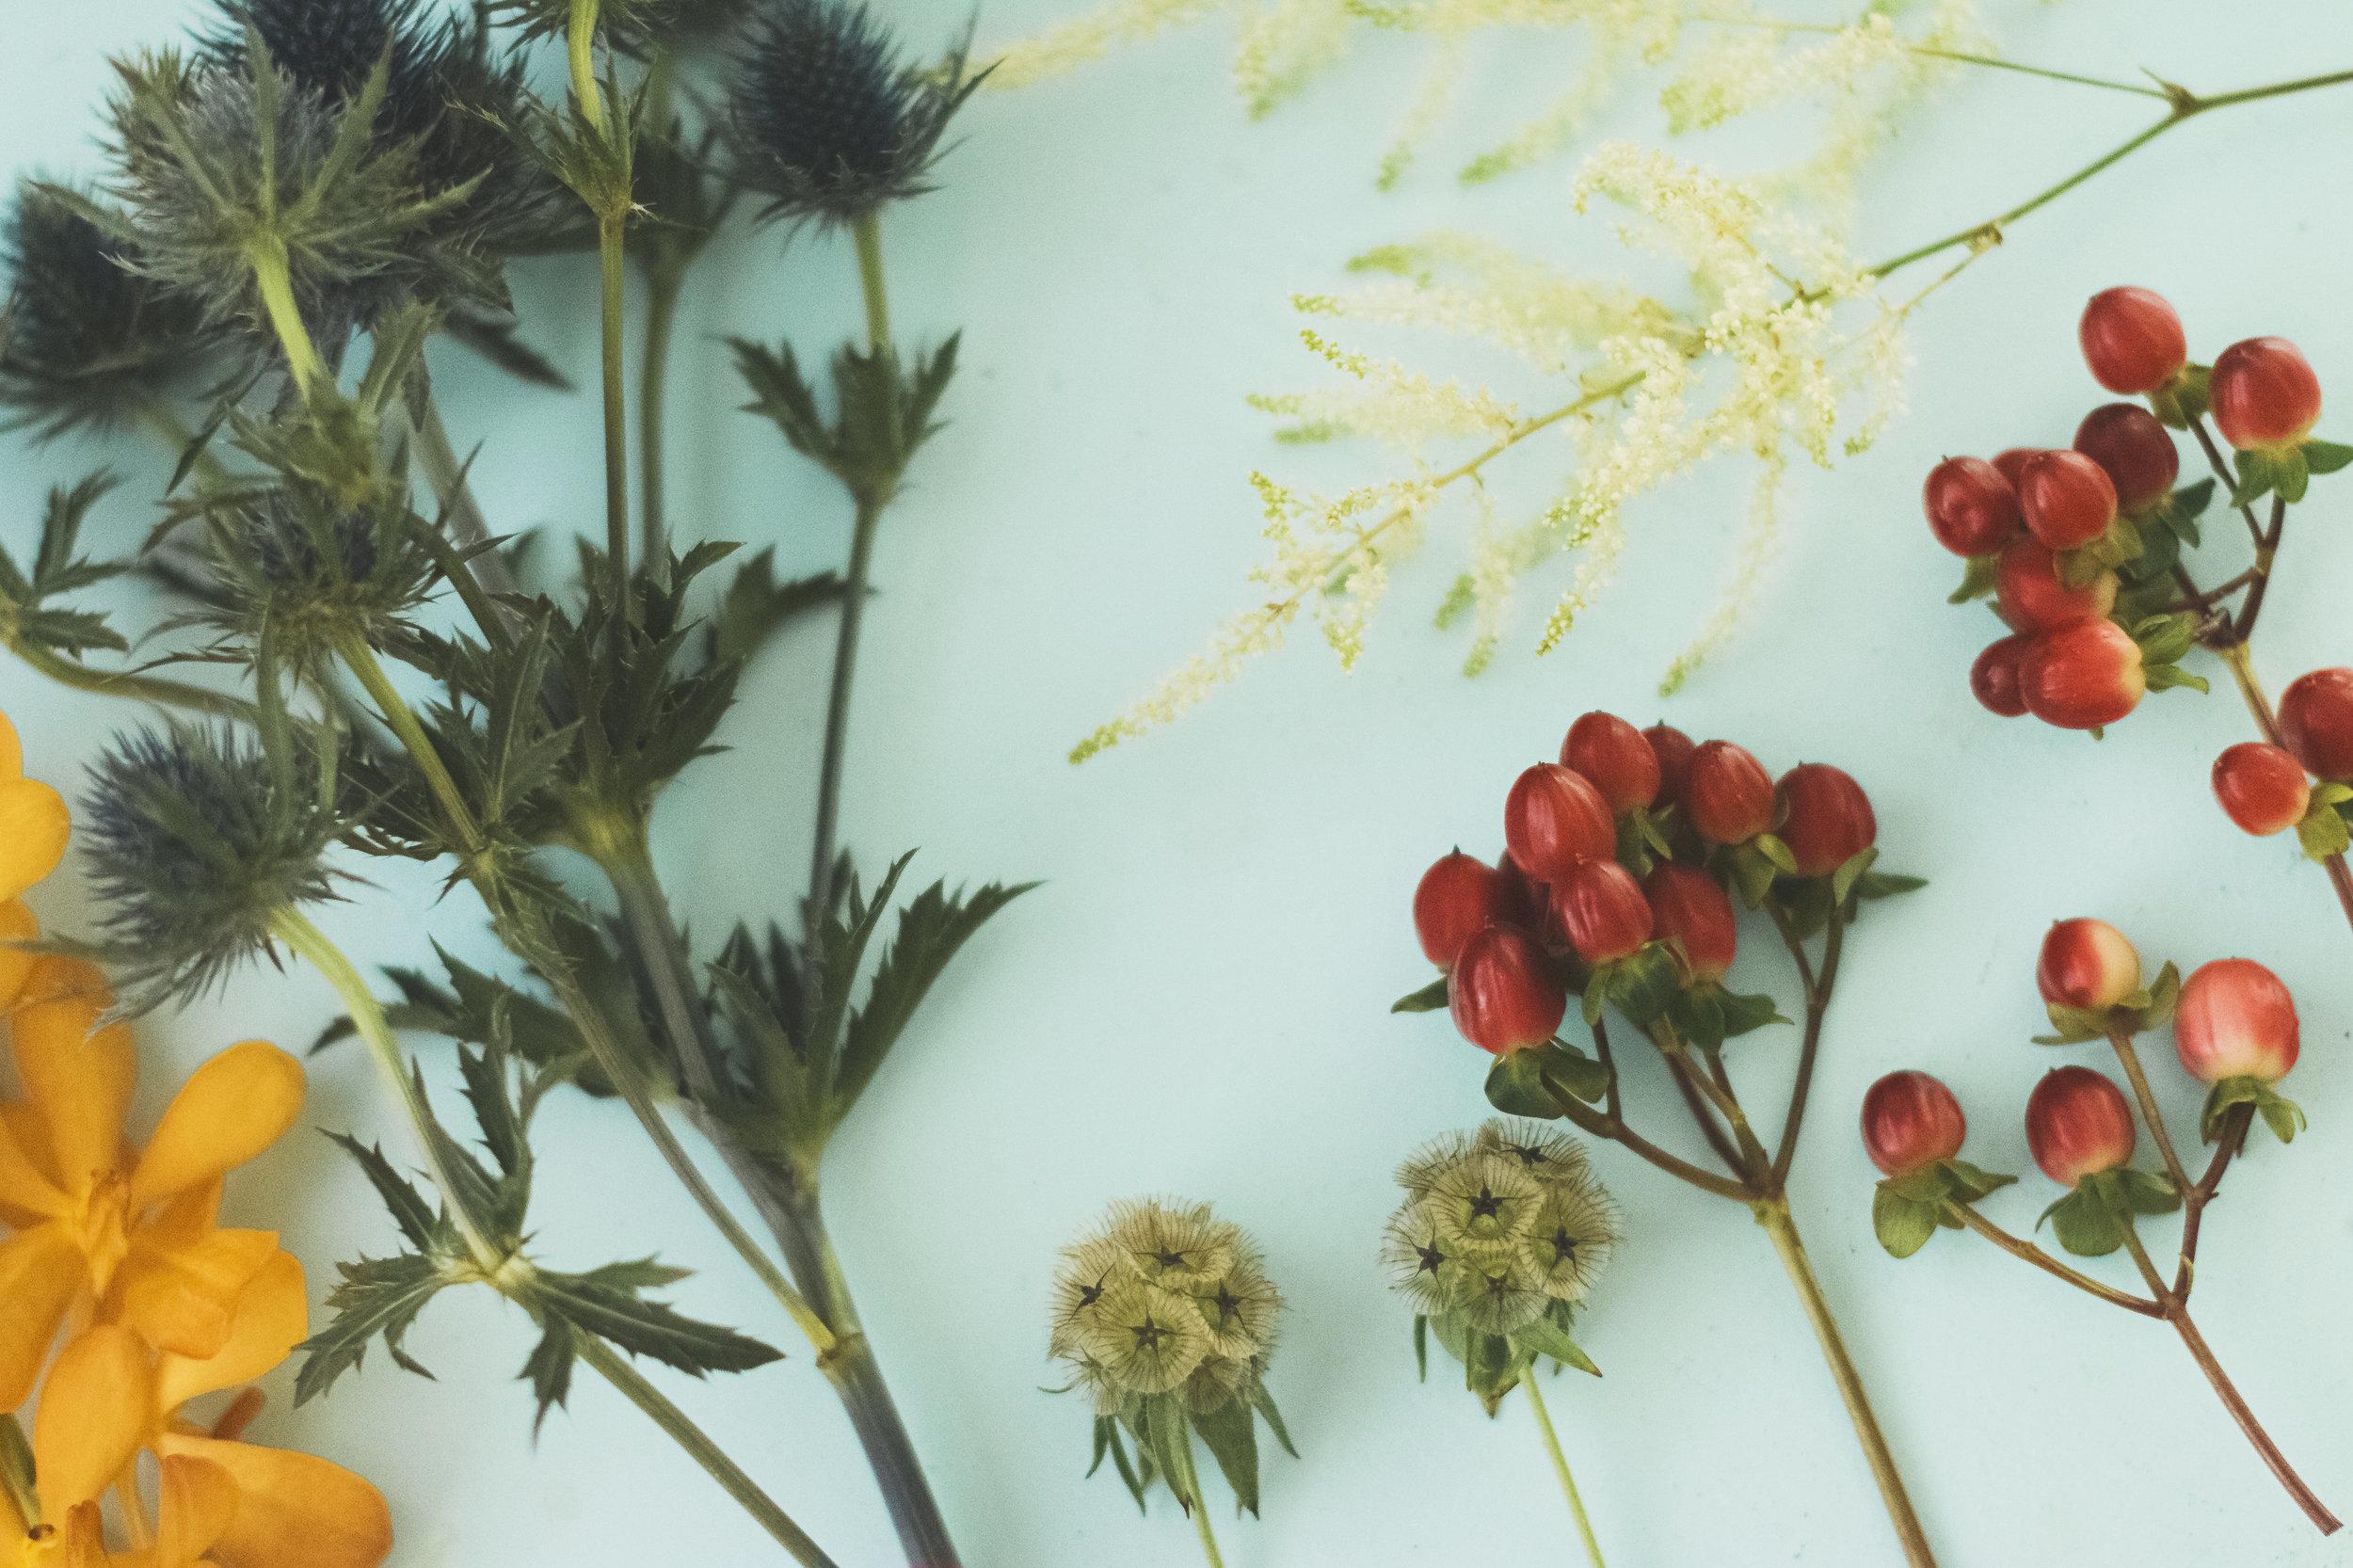 angie-diaz-photography-diy-flower-crown-tutorial-07.jpg